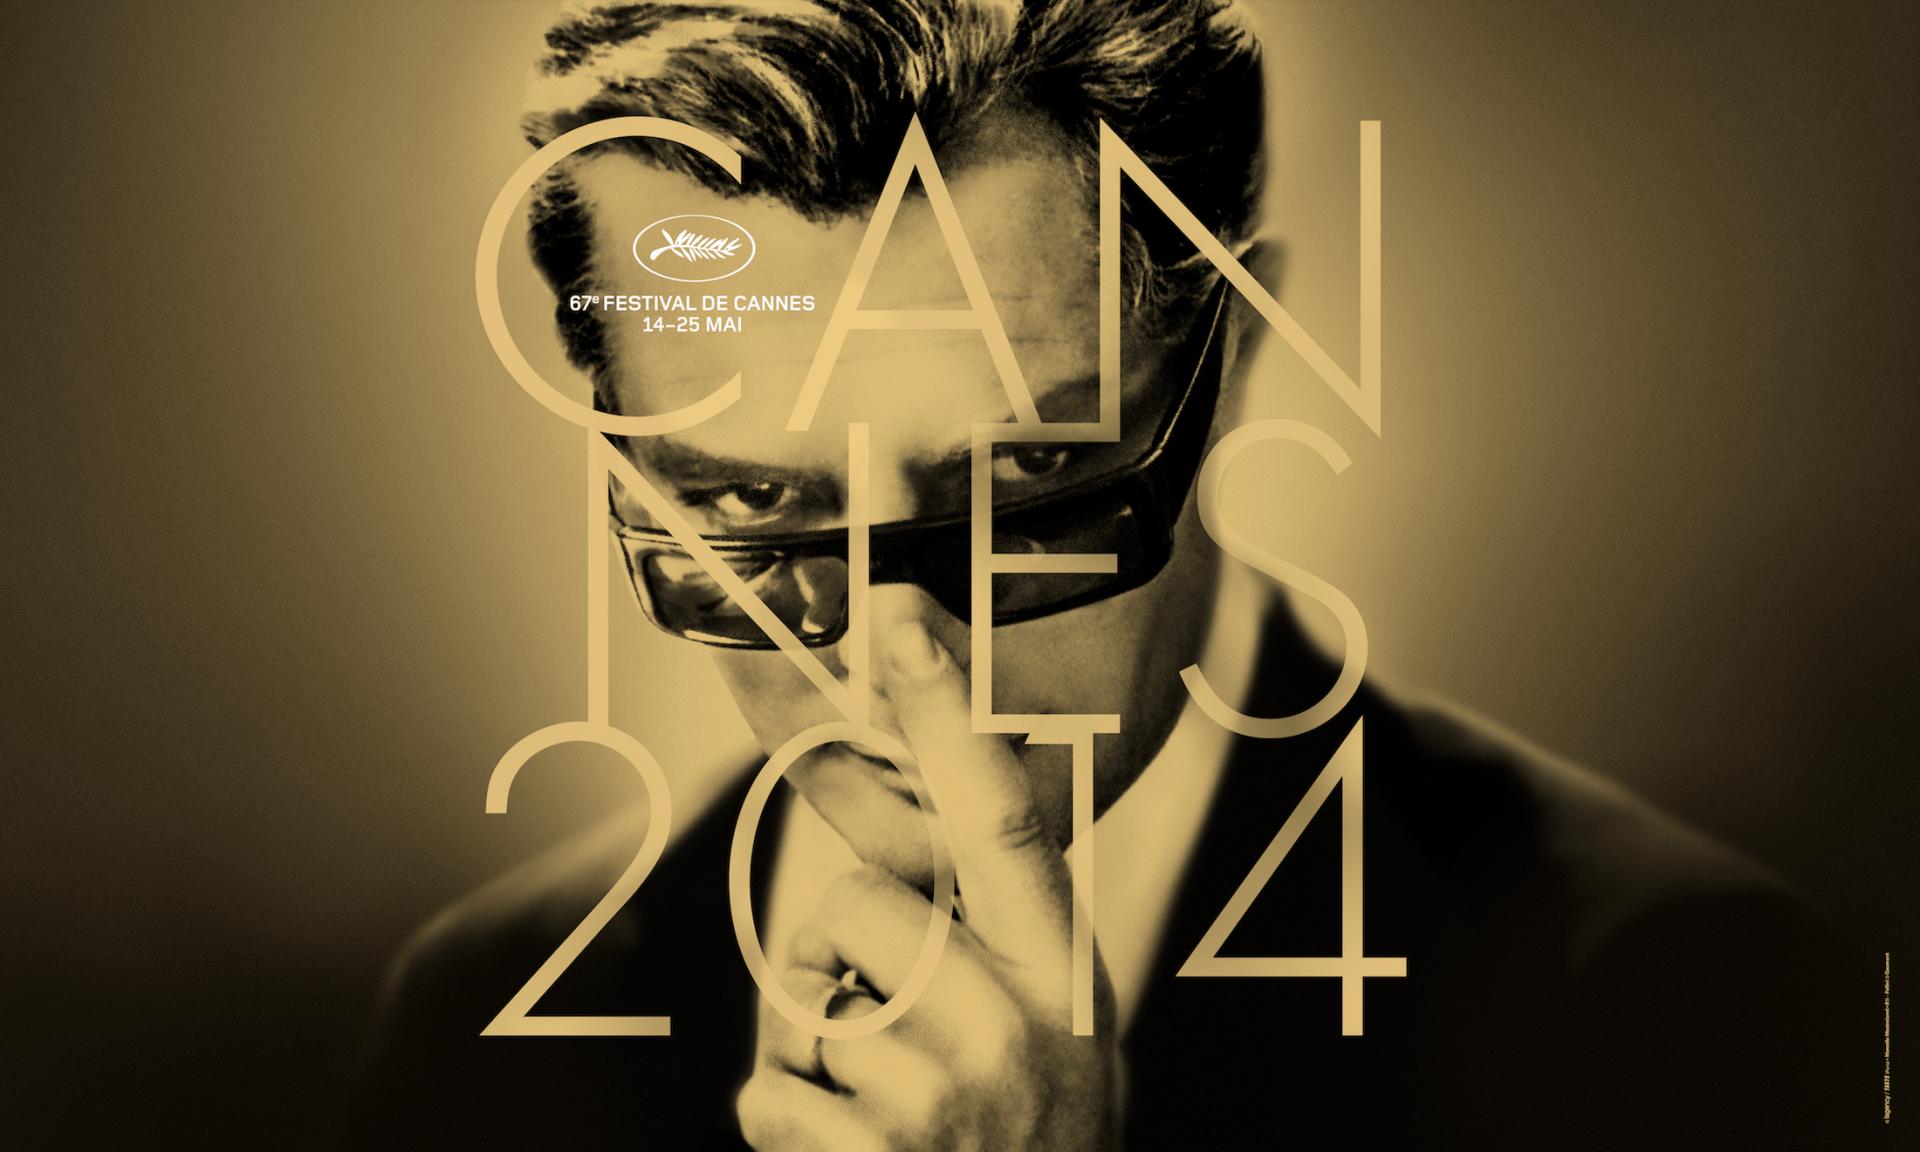 affiche festival de cannes 2014